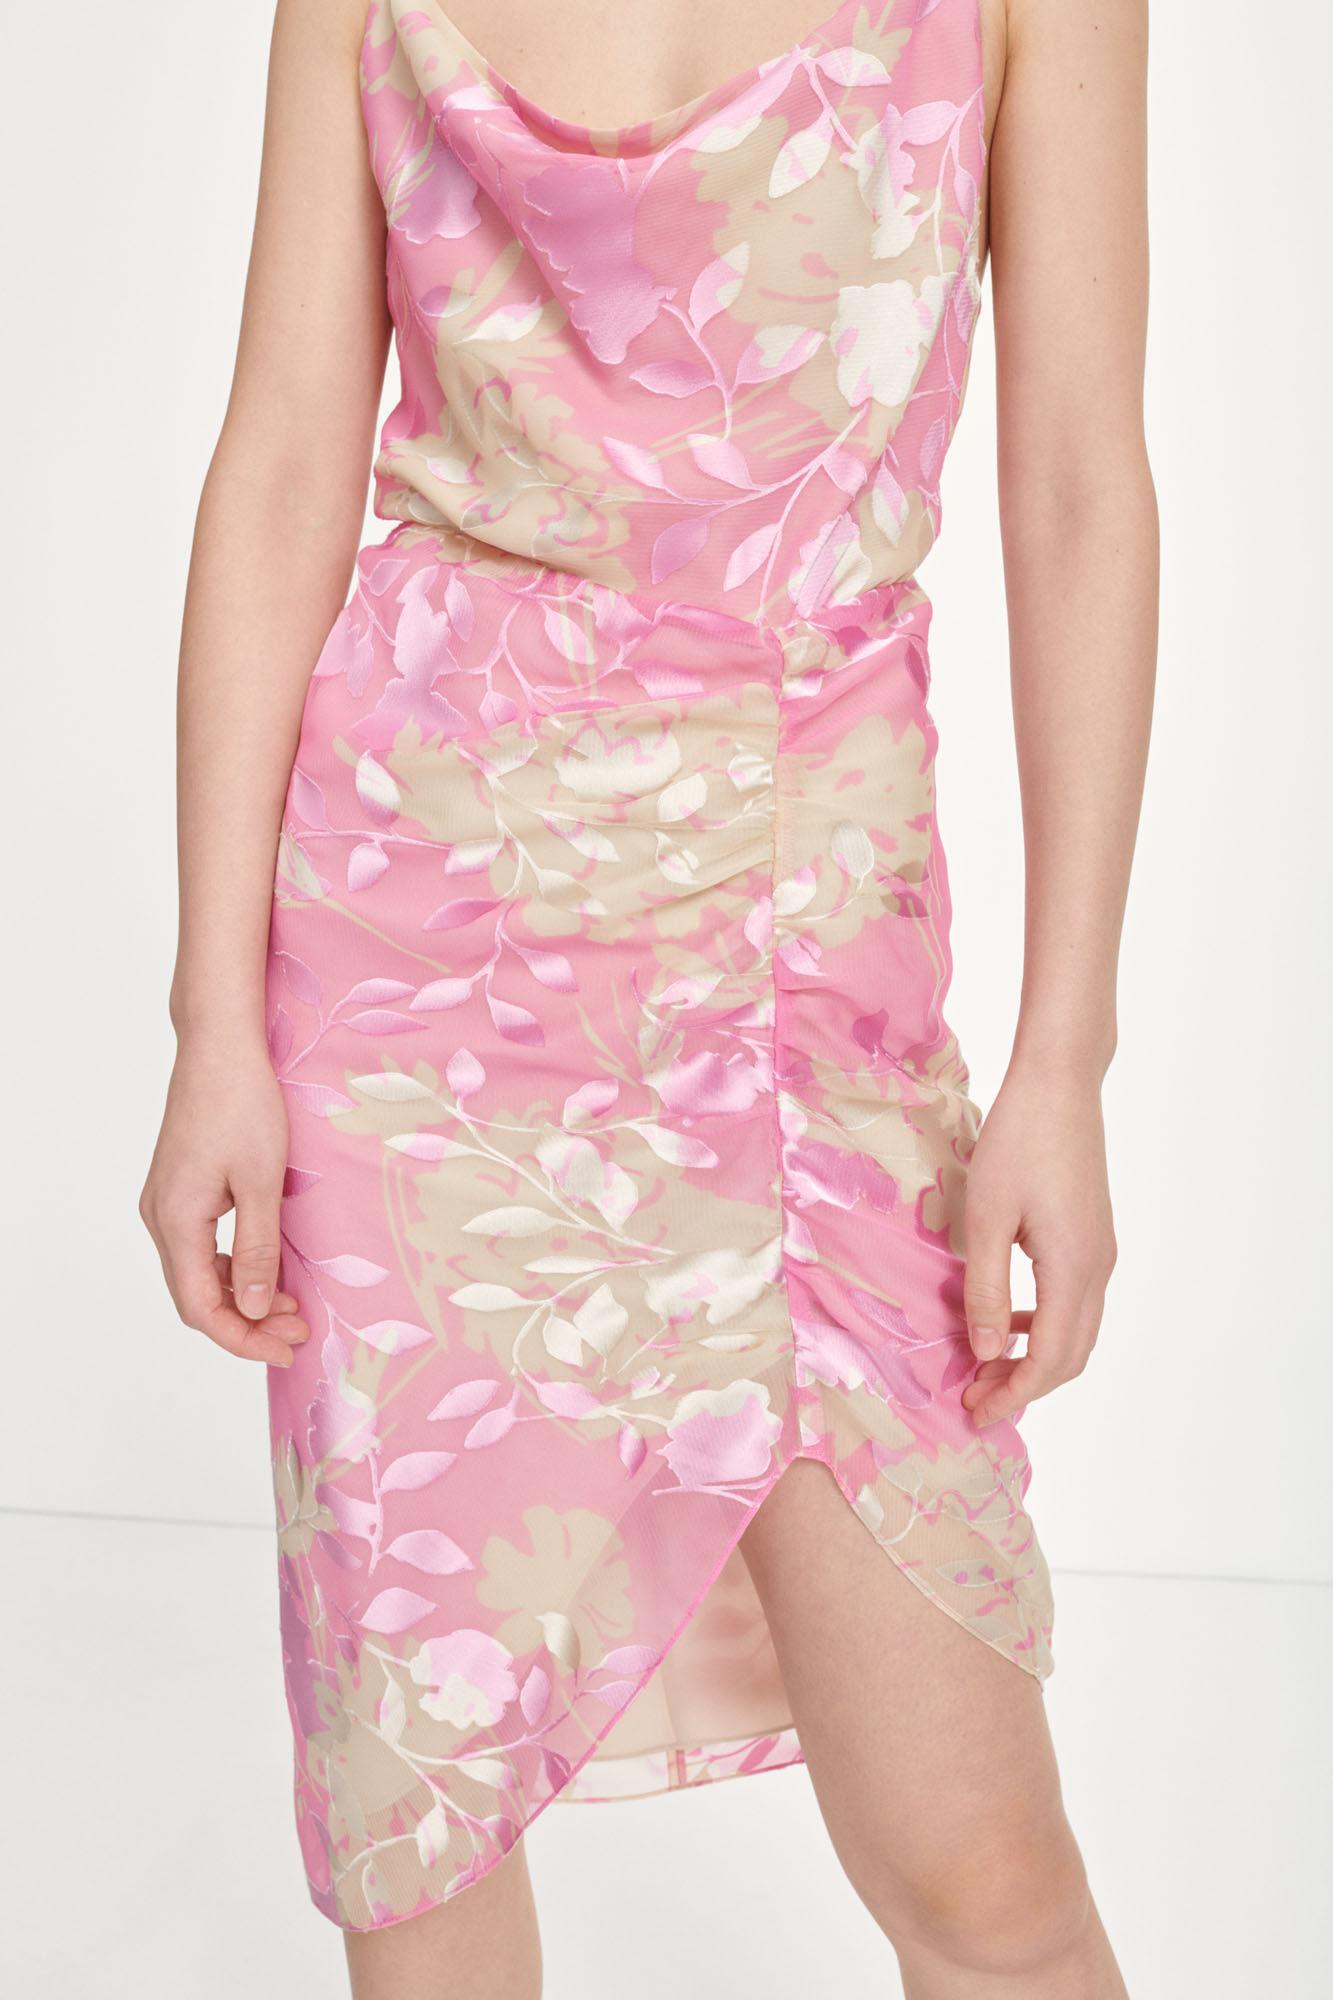 Dapples dress aop 14013, PINK KIRIGAMI